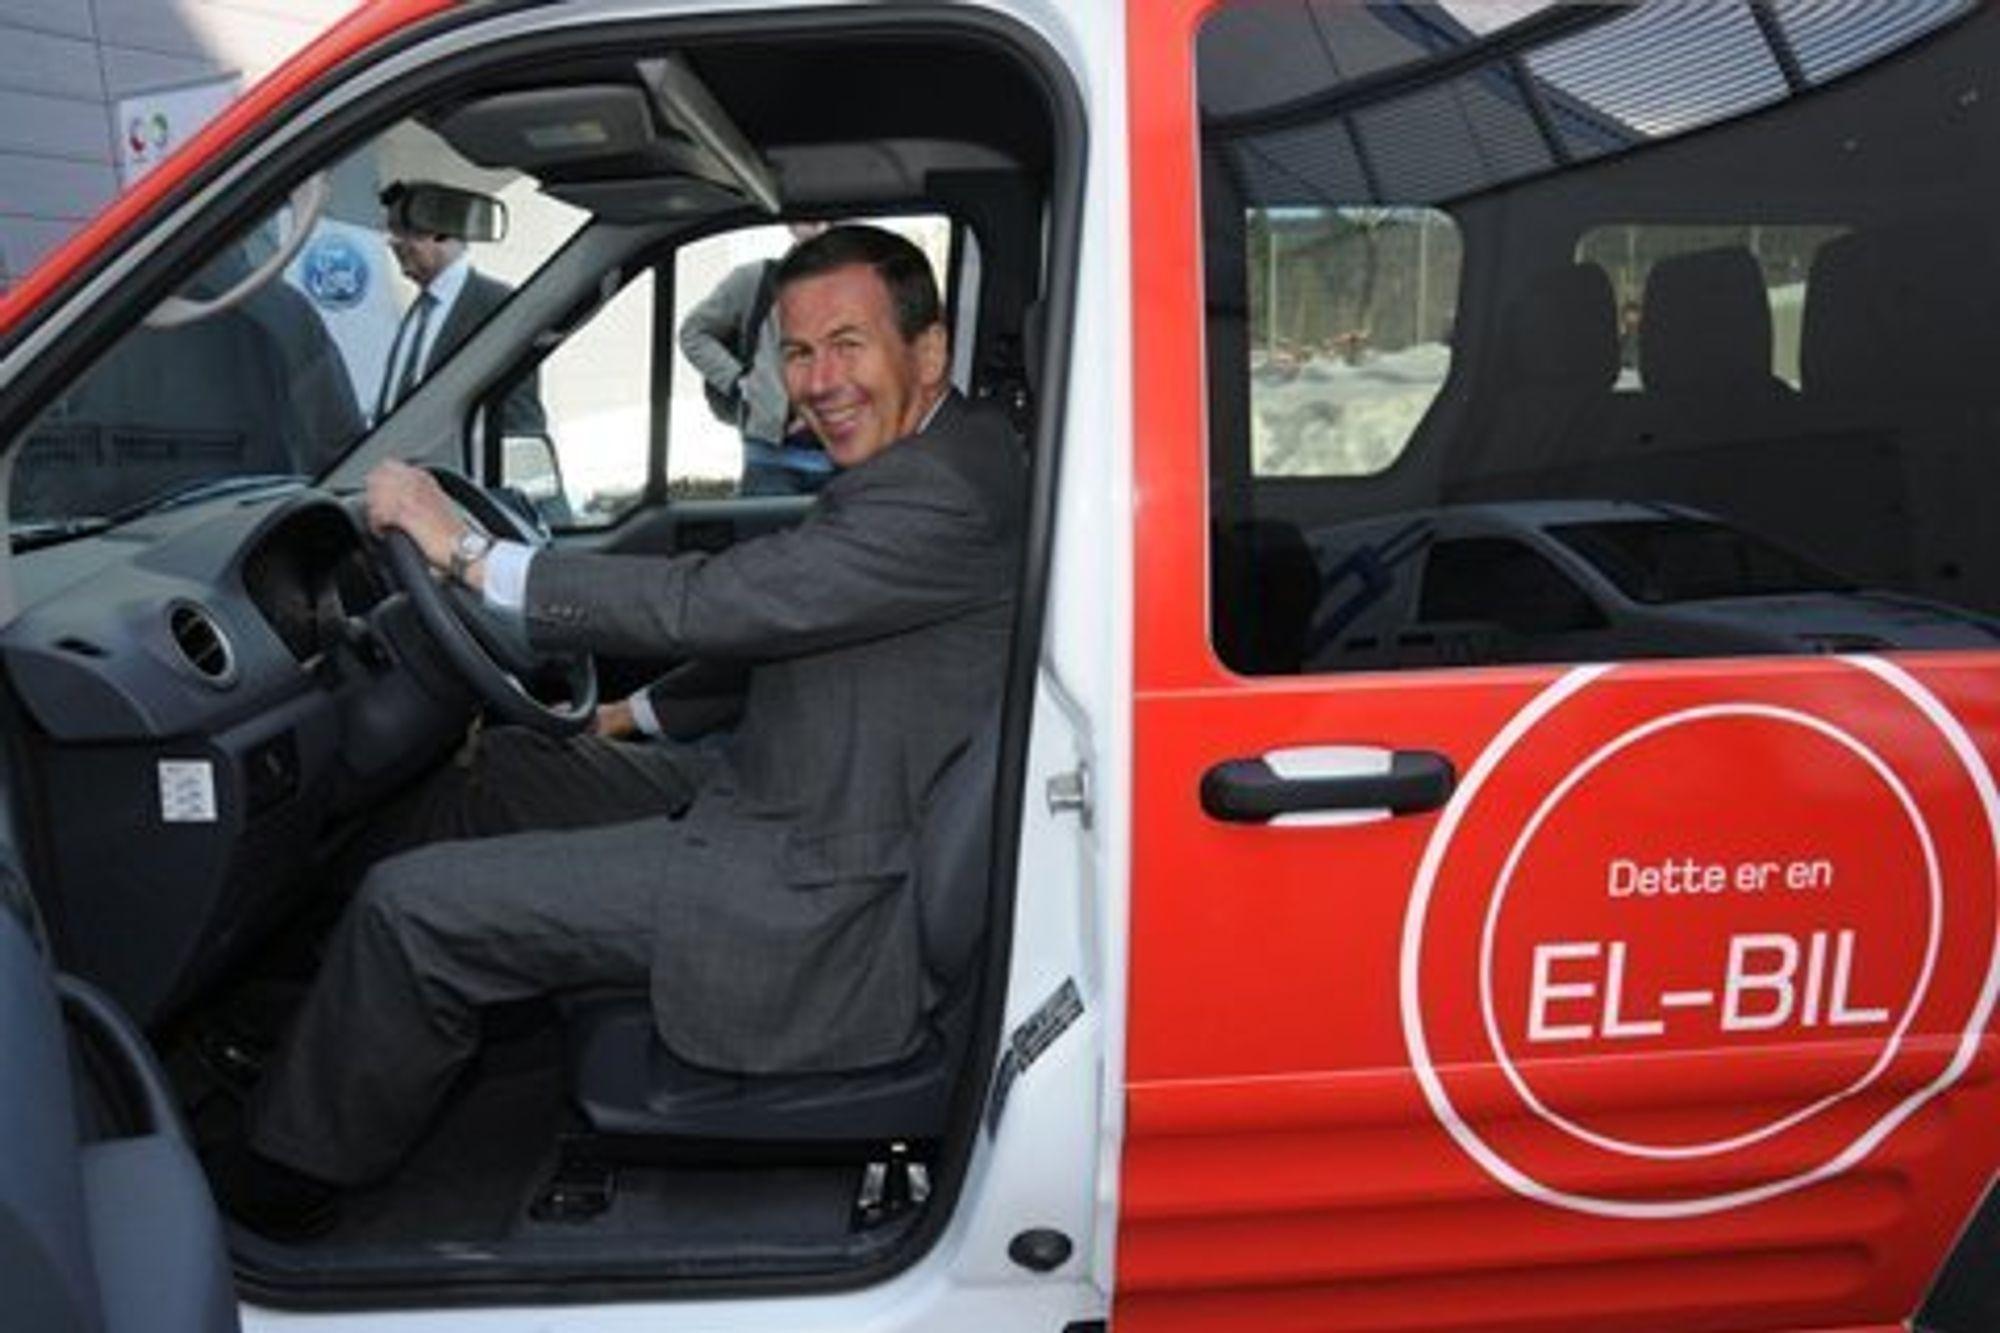 Posten har en rekke tiltak for å redusere utslippene sine. Blant annet besitter konsernet Norges største elektriske kjøretøypark.